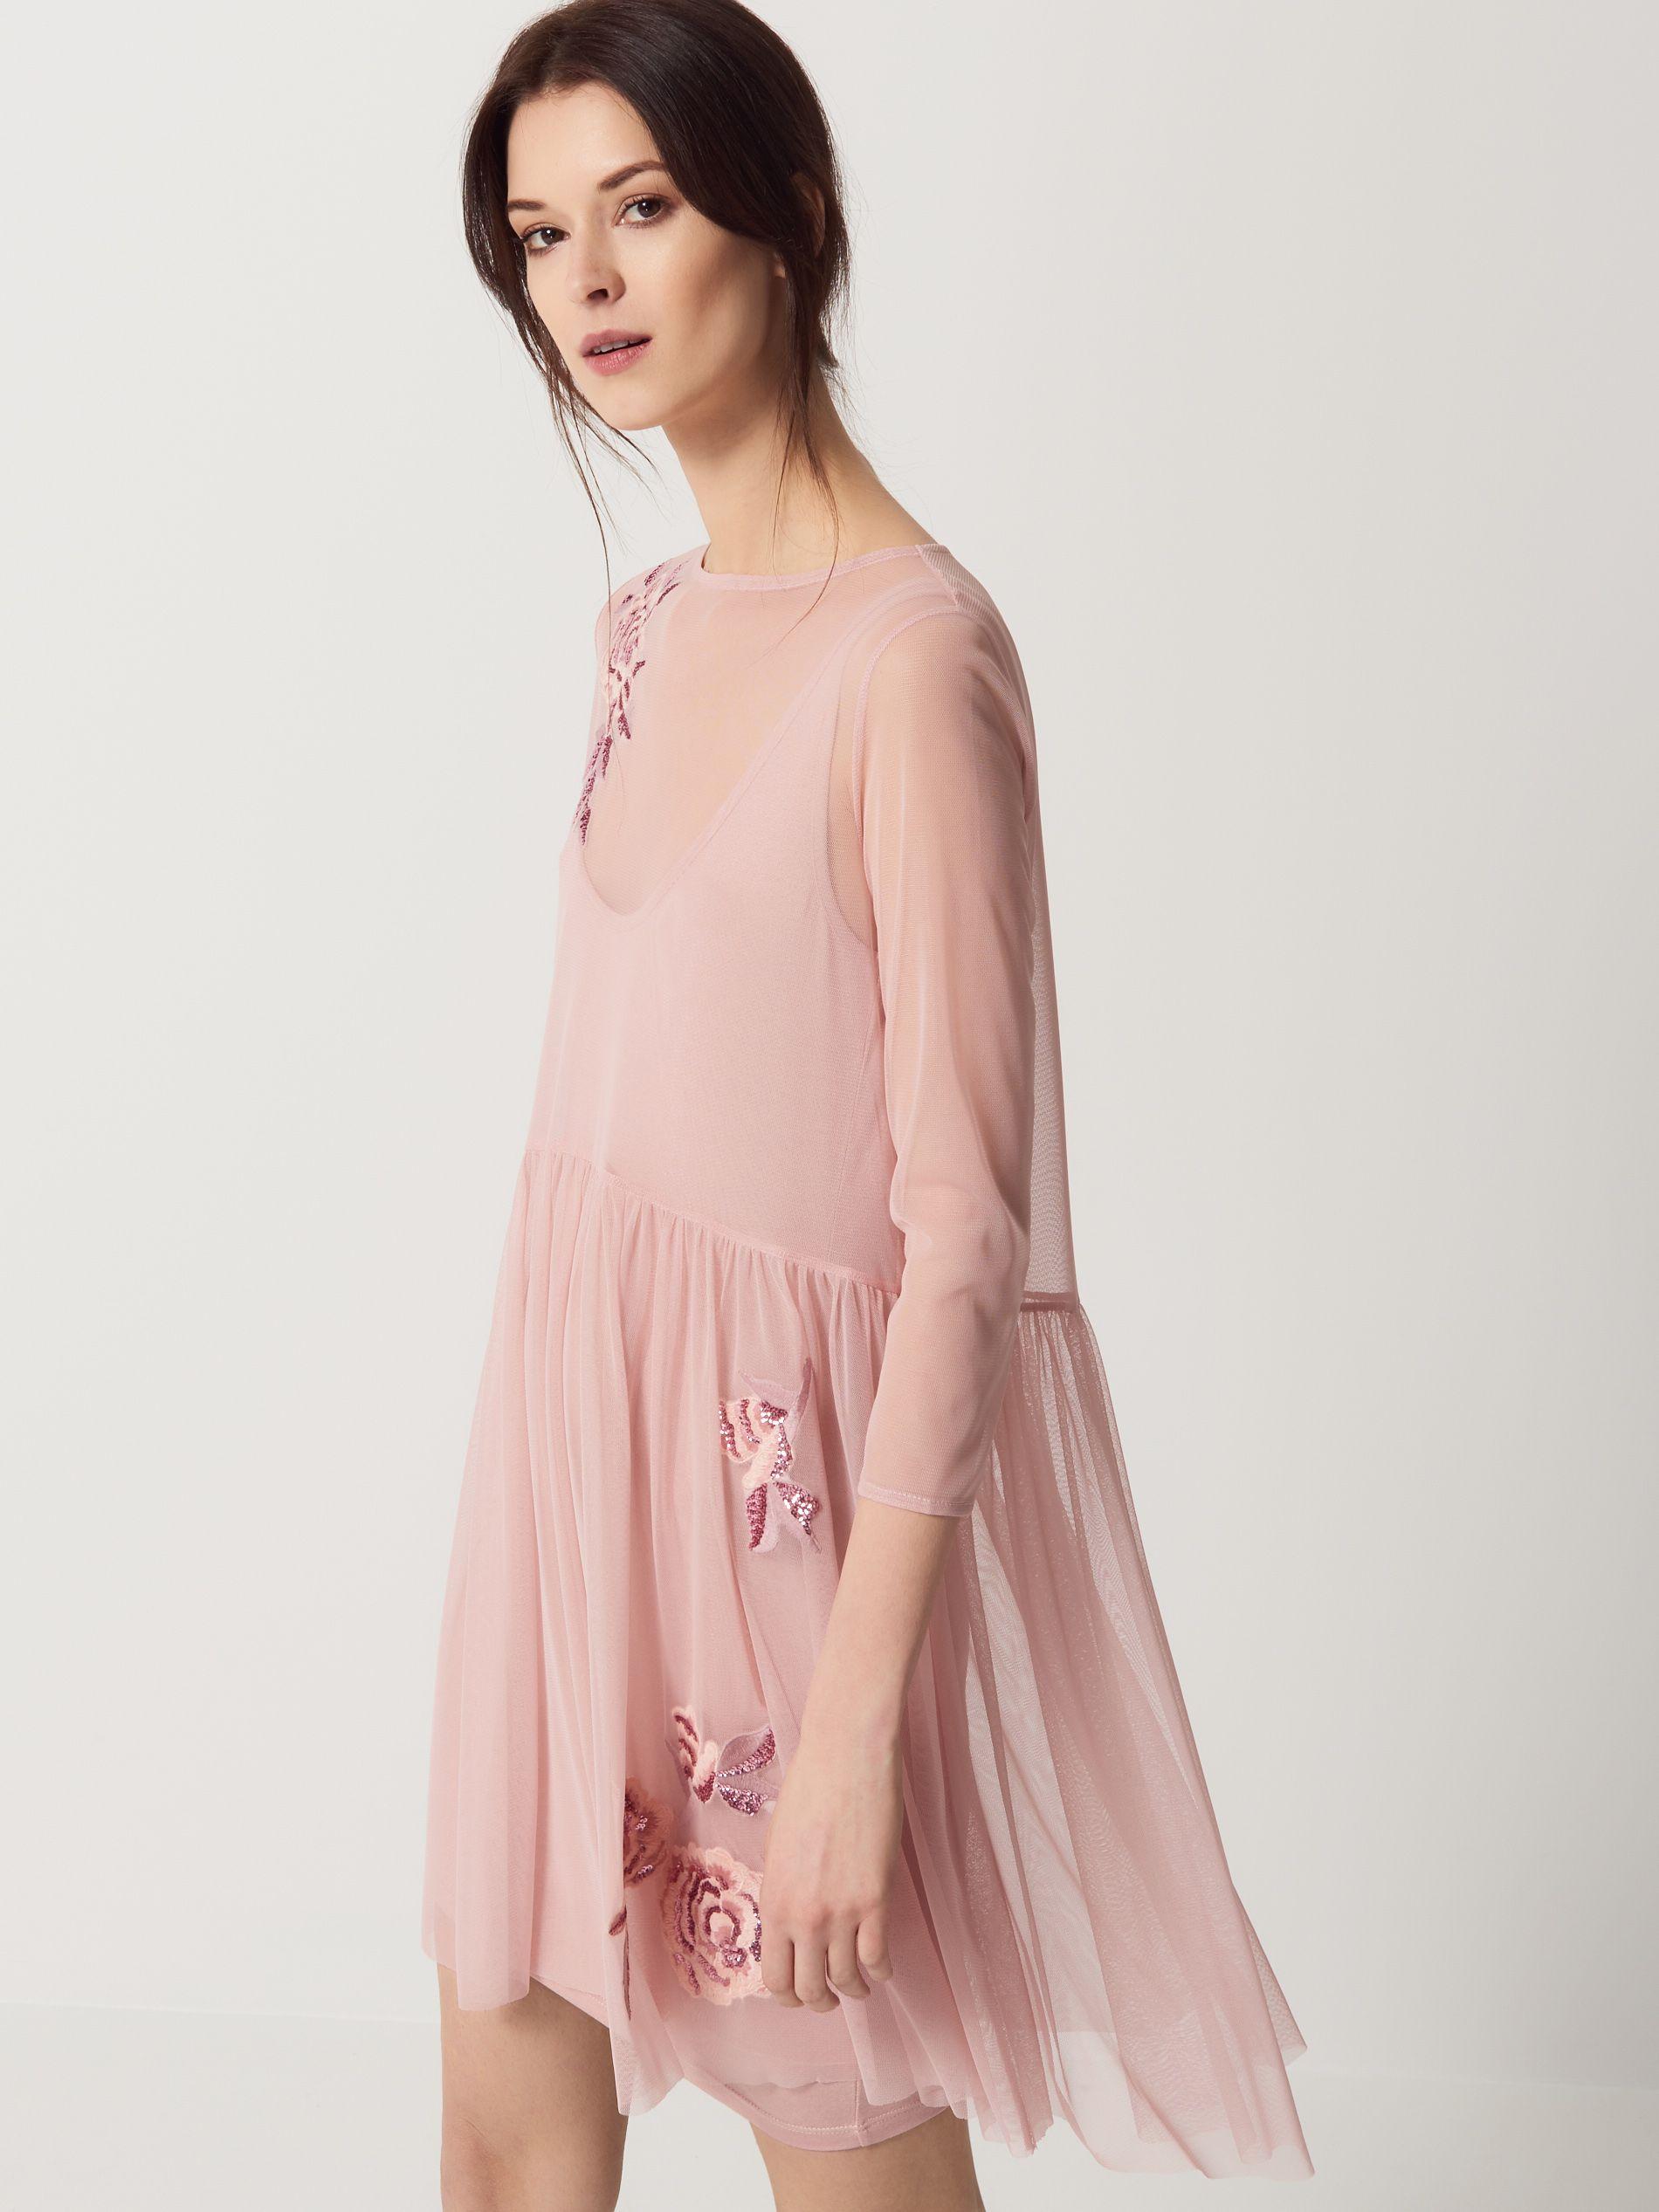 LADIES` DRESS, ROCHII, roz, MOHITO   Pretty dresses   Pinterest